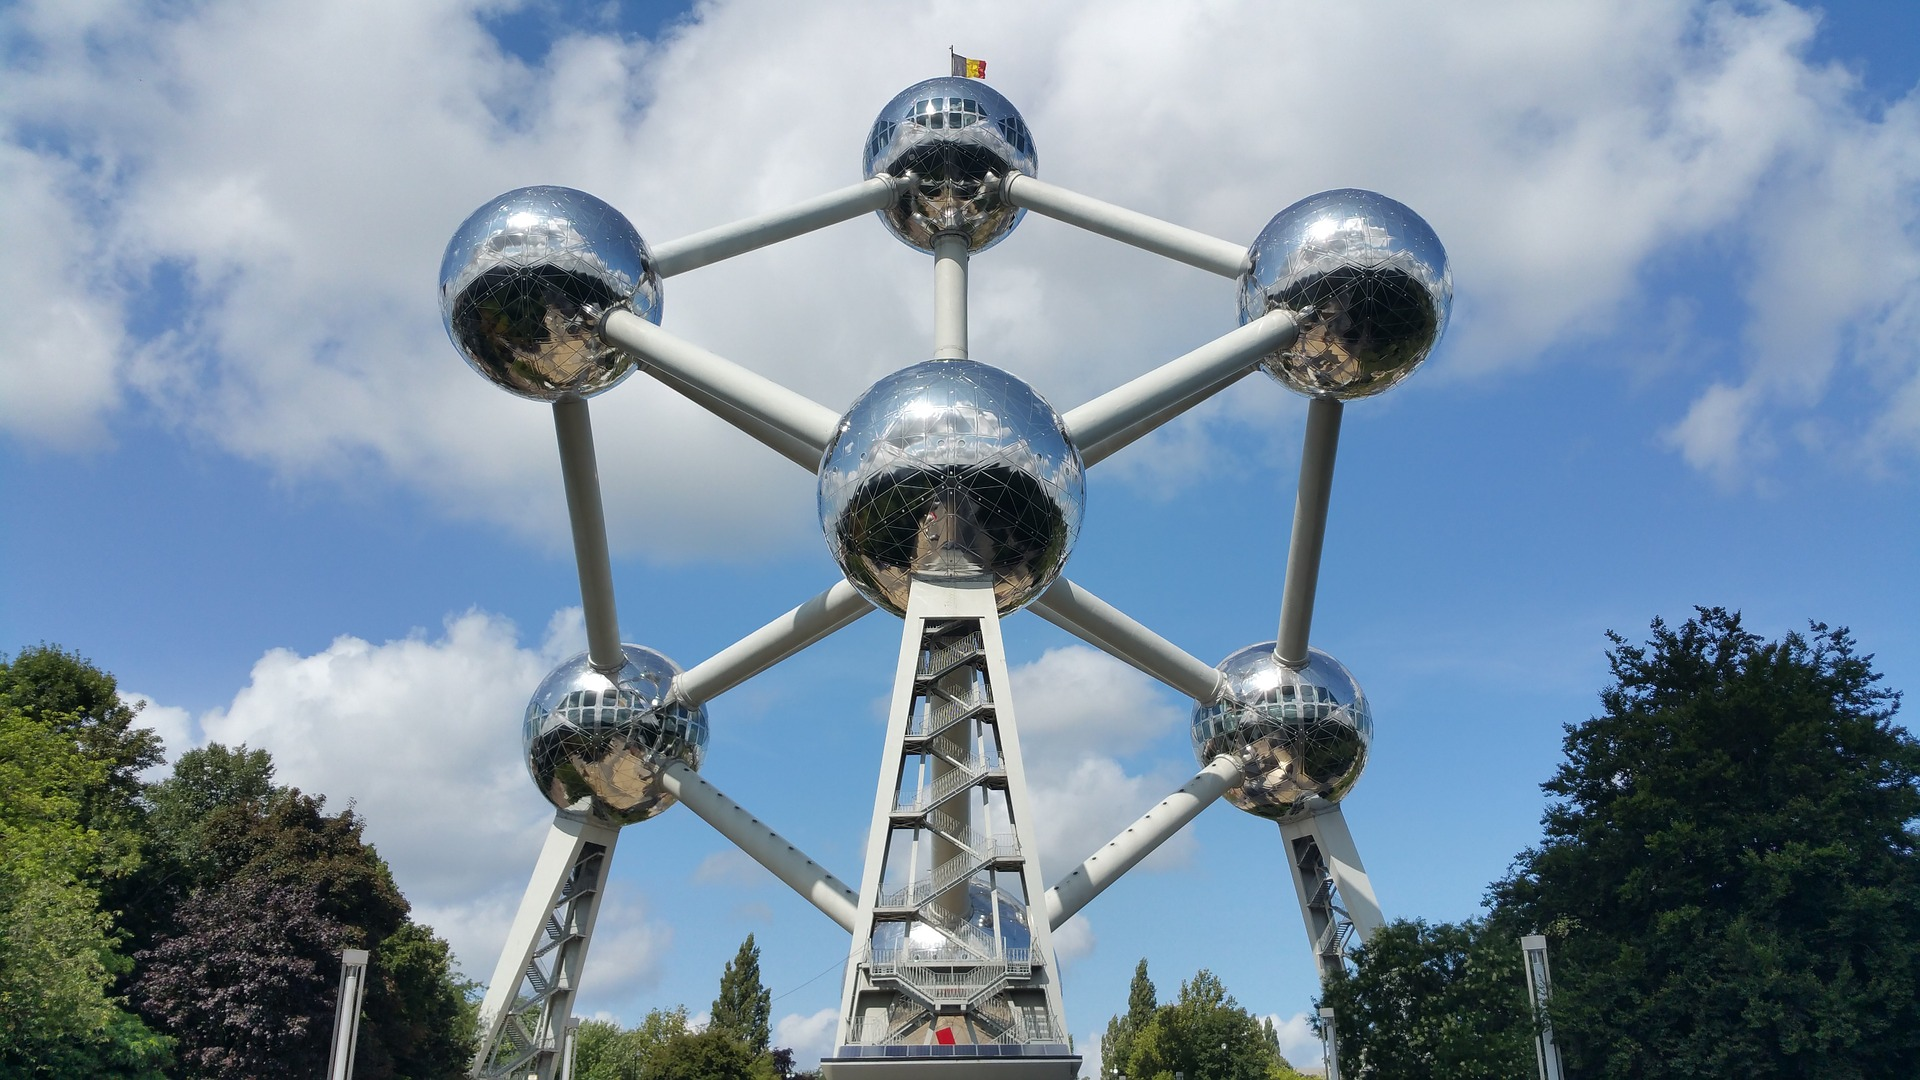 Les incontournables de Bruxelles-L'Atomium